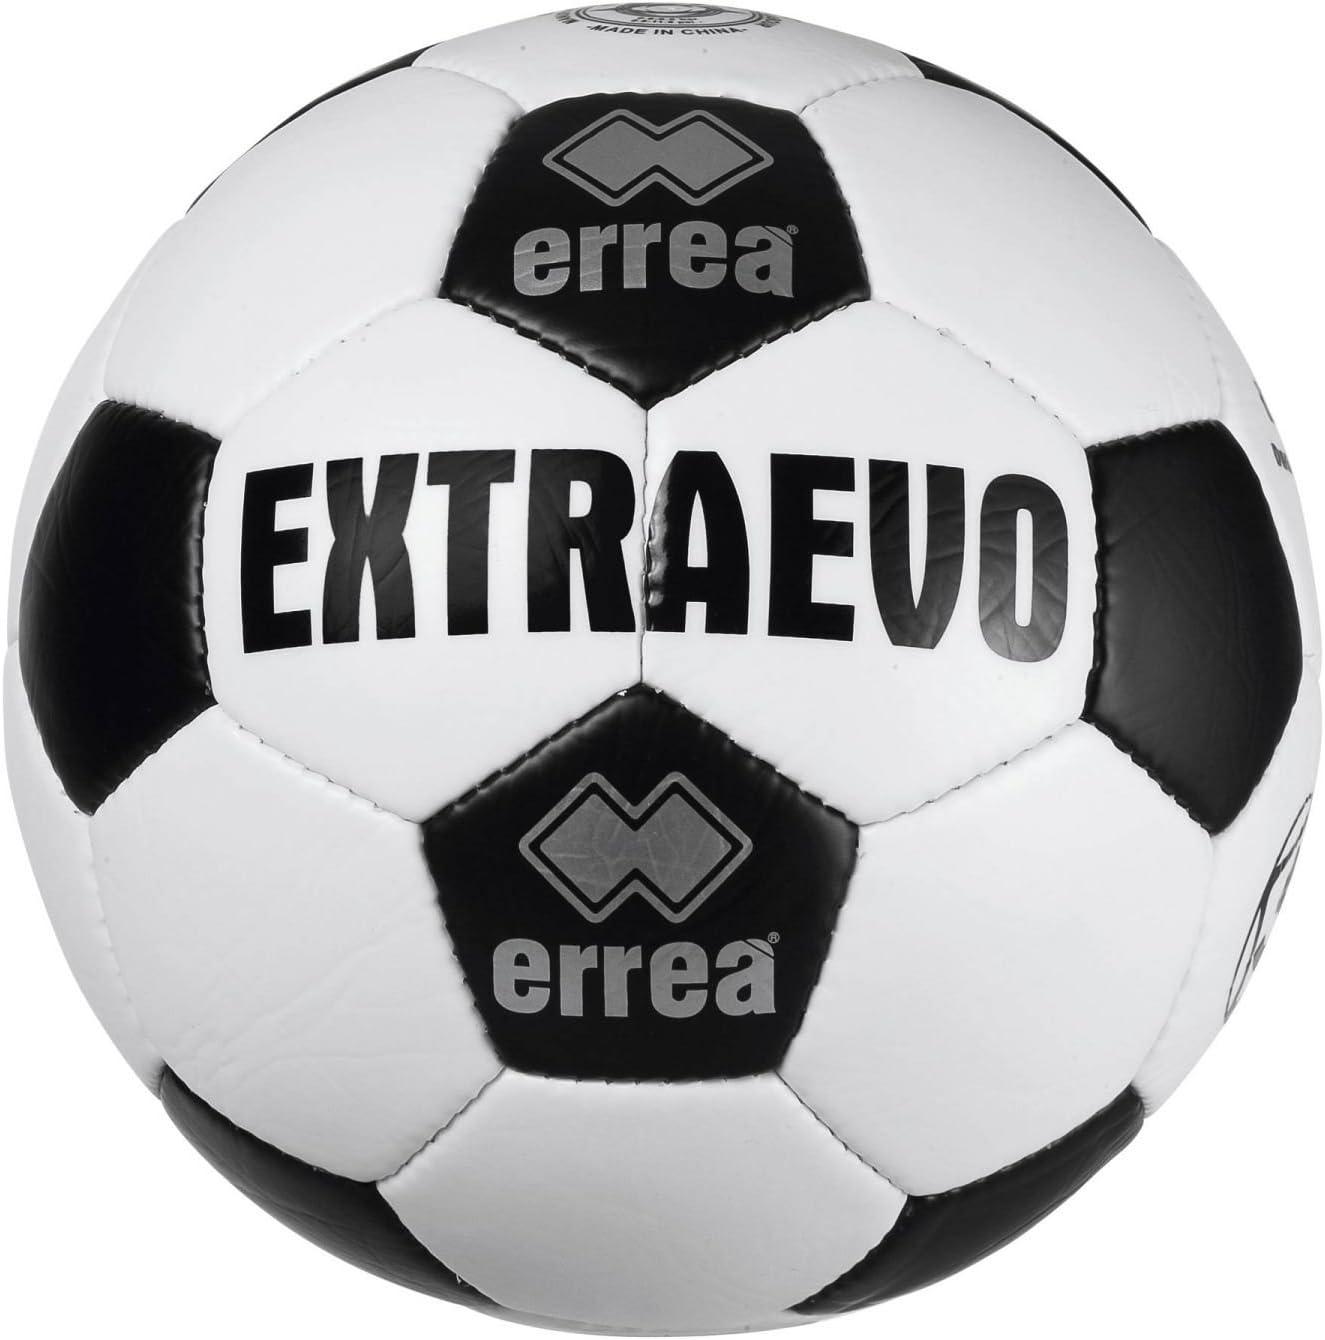 ERREA\\ Extra EVO Balón de fútbol · Universal Match Ball para ...